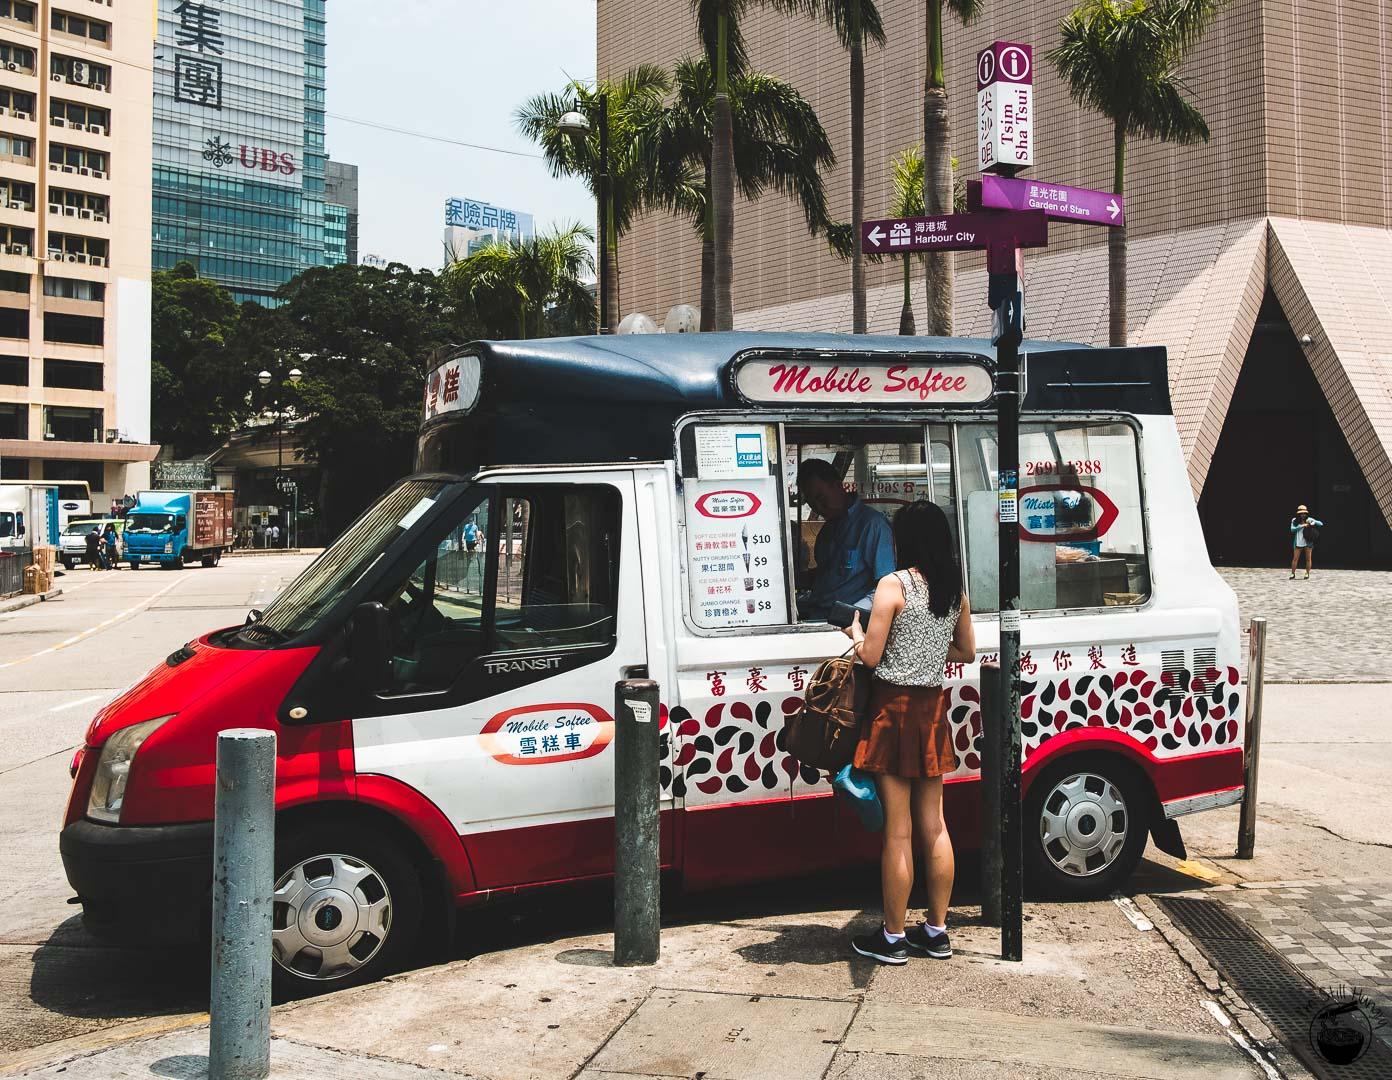 Mobile Softee Hong Kong